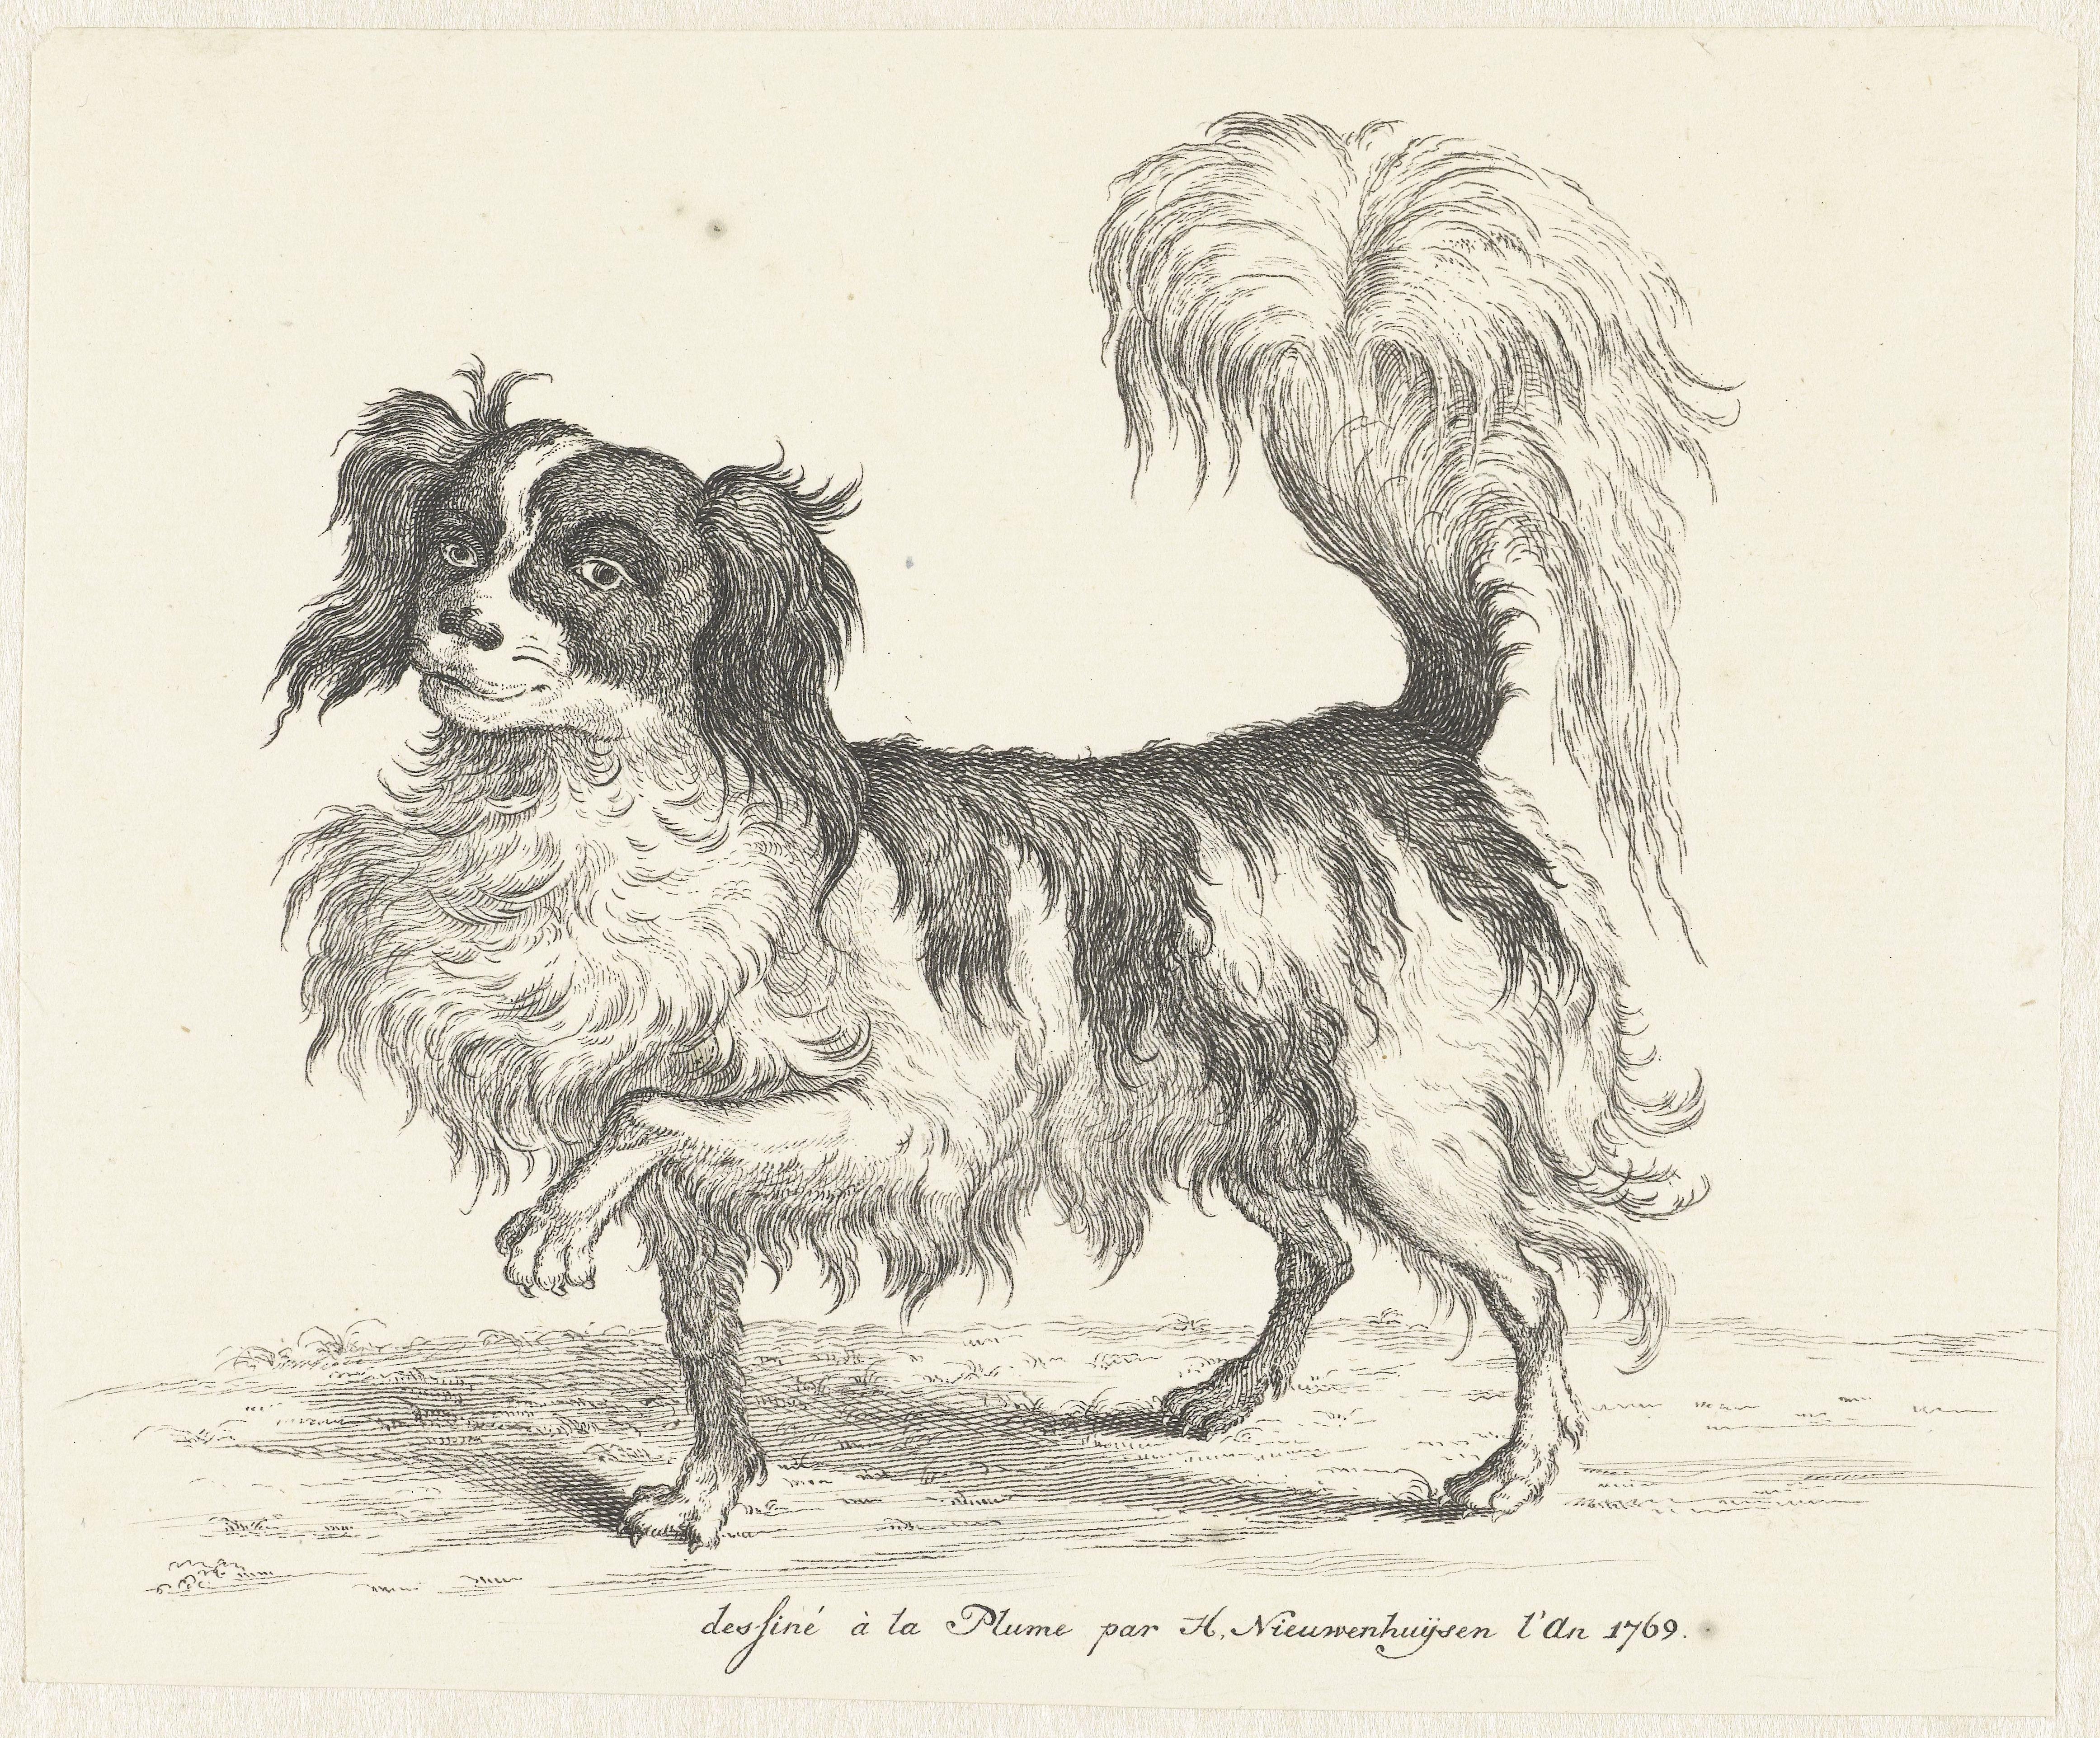 Werken Met Liefdesenergie. De Hond